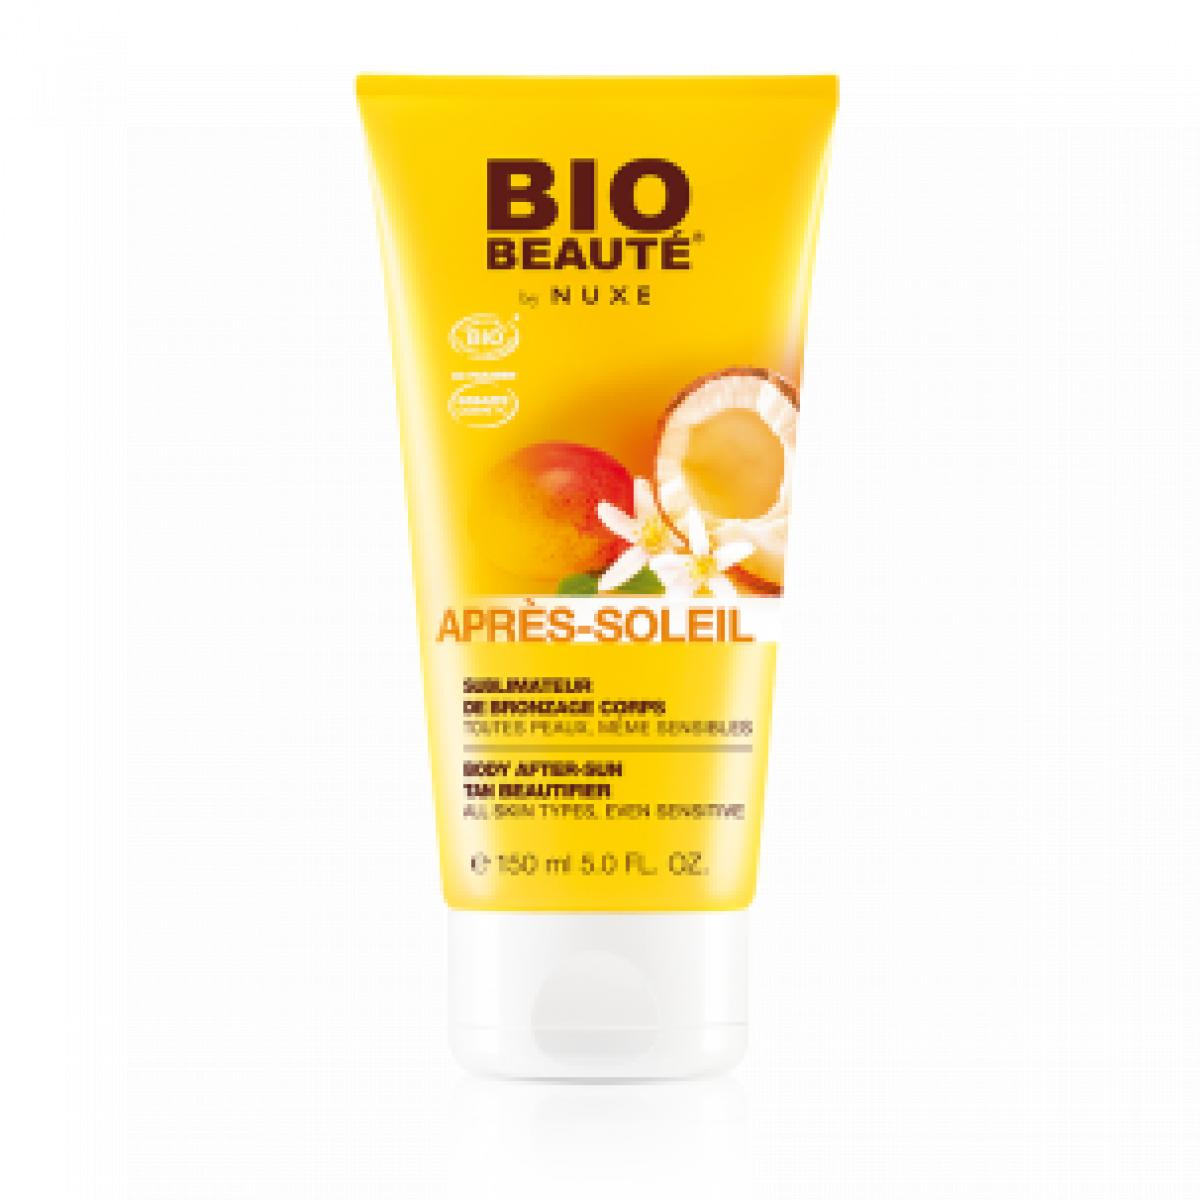 Bio beaute by nuxe apr s soleil sublimateur de bronzage corps 150ml sur pharmarket - Bepanthen coup de soleil ...